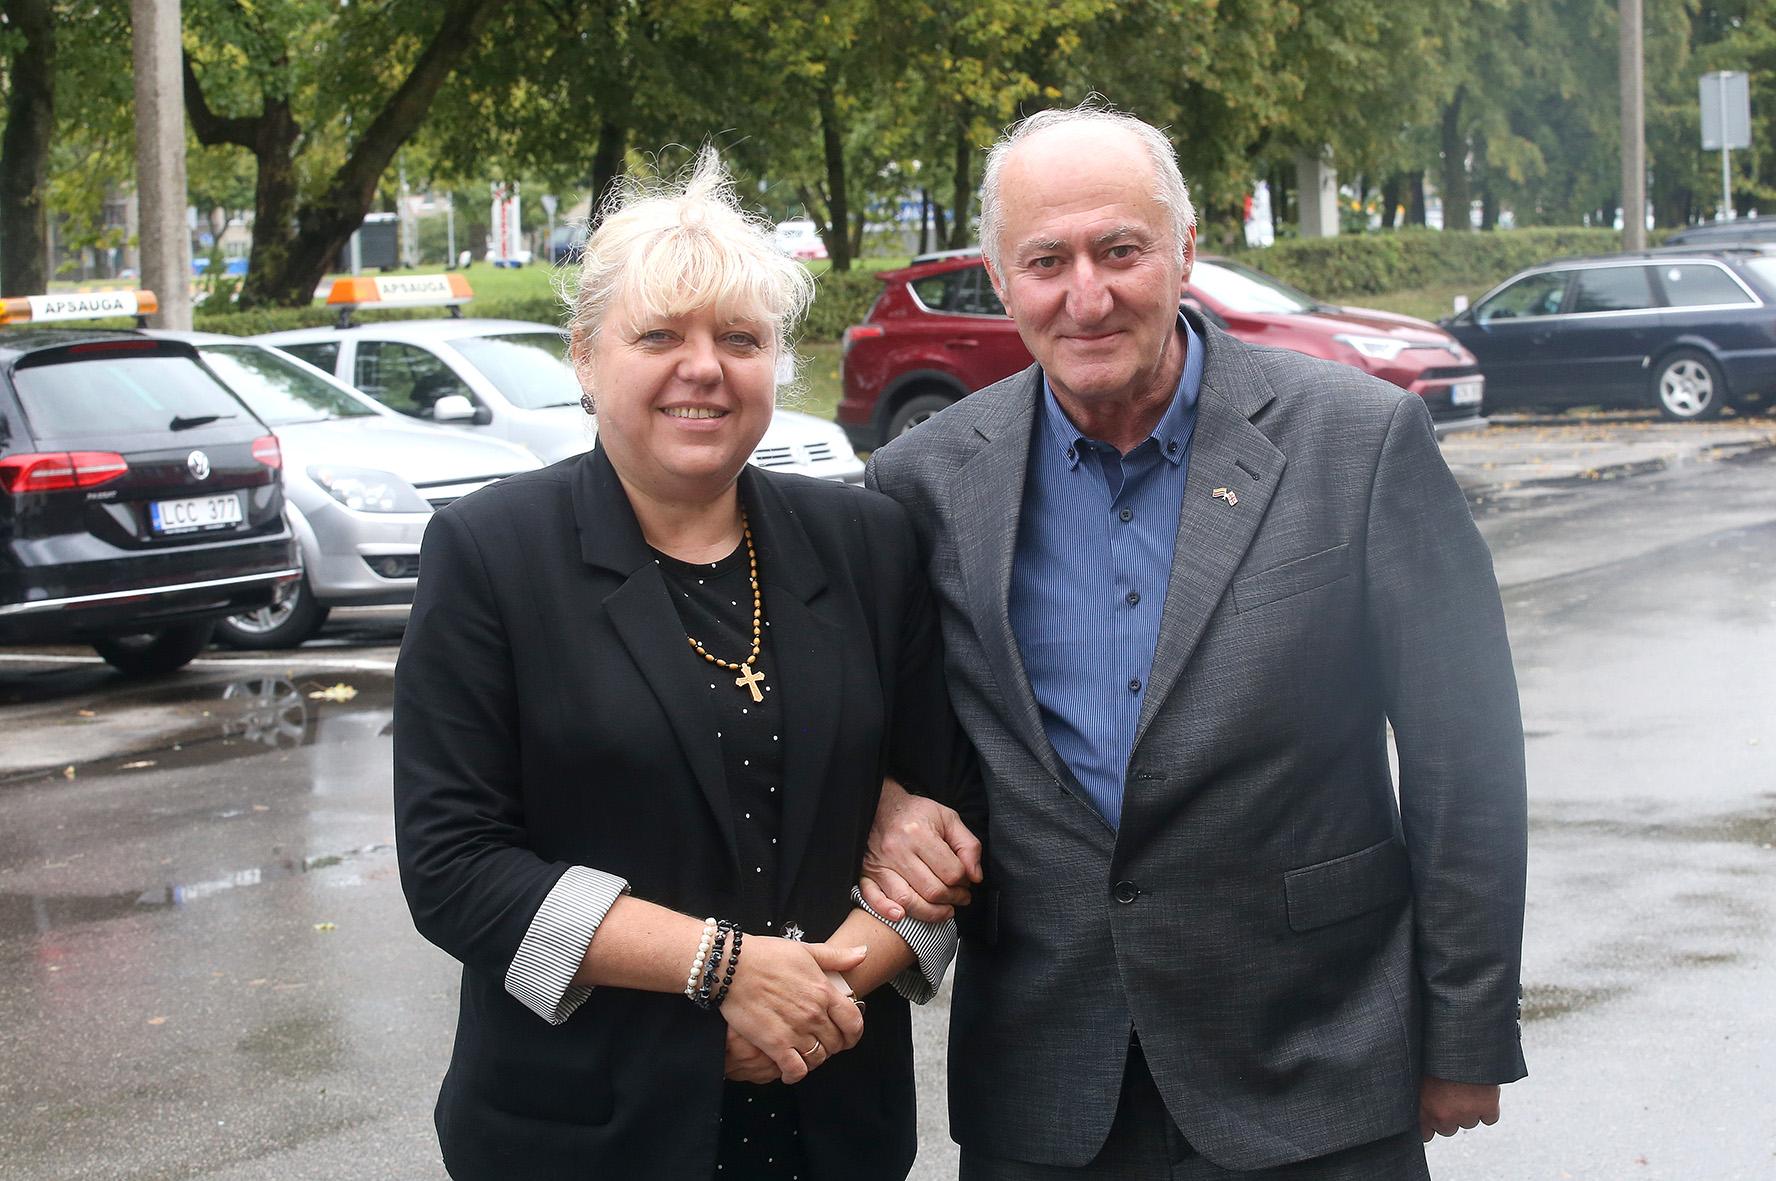 Sakartvelietis Levanas Sepashvili su savo išrinktąja Vilma, dėl kurios vyriškio laikinas vizitas Lietuvoje užsitęsė tiek, kad netrukus jiedu minės trisdešimtąją gyvenimo santuokoje sukaktį./ Algimanto Barzdžiaus nuotr.